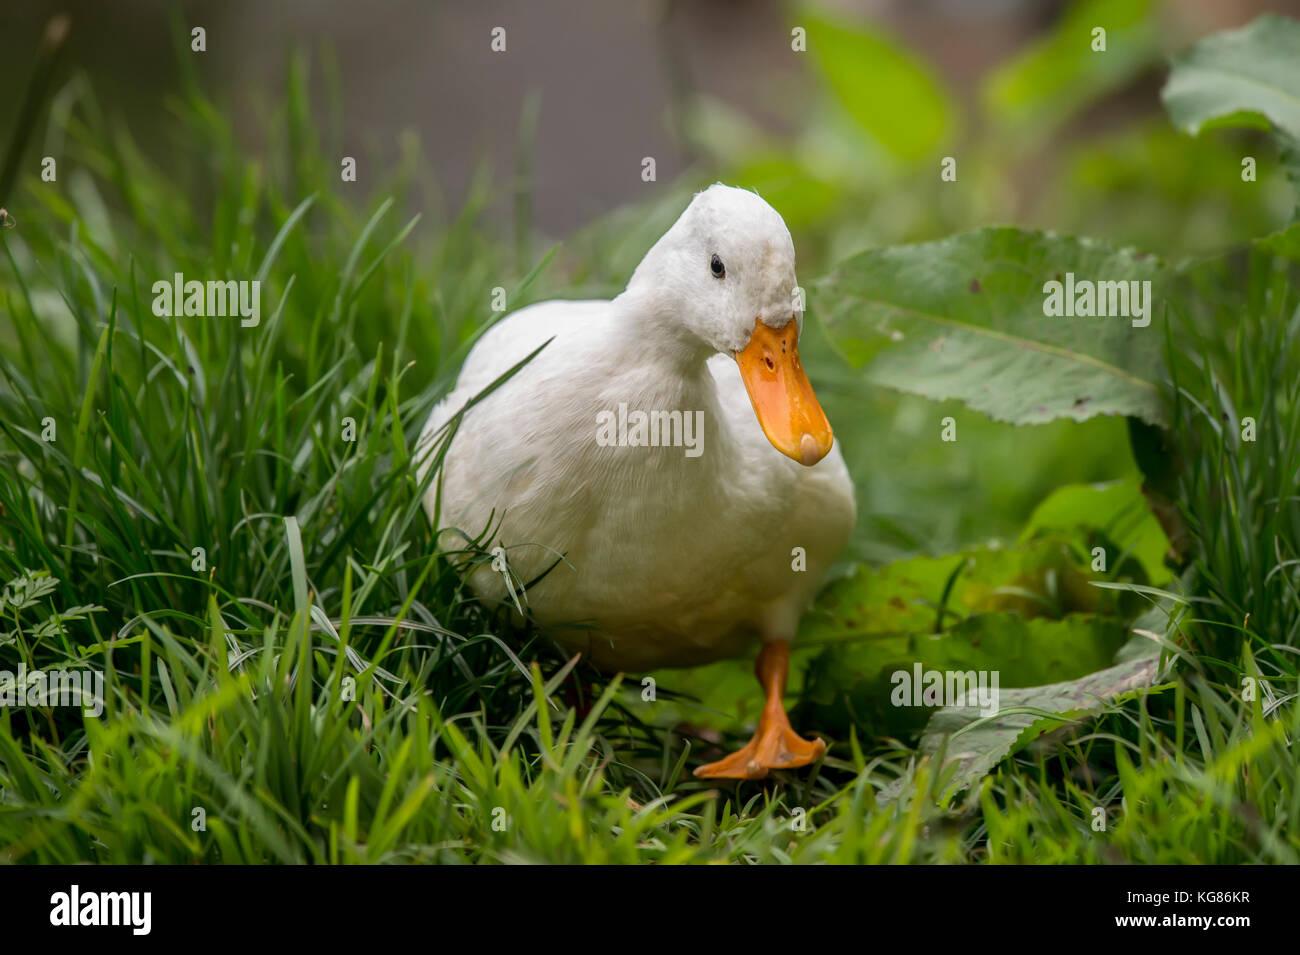 Pekin duck, walking on a riverbank - Stock Image